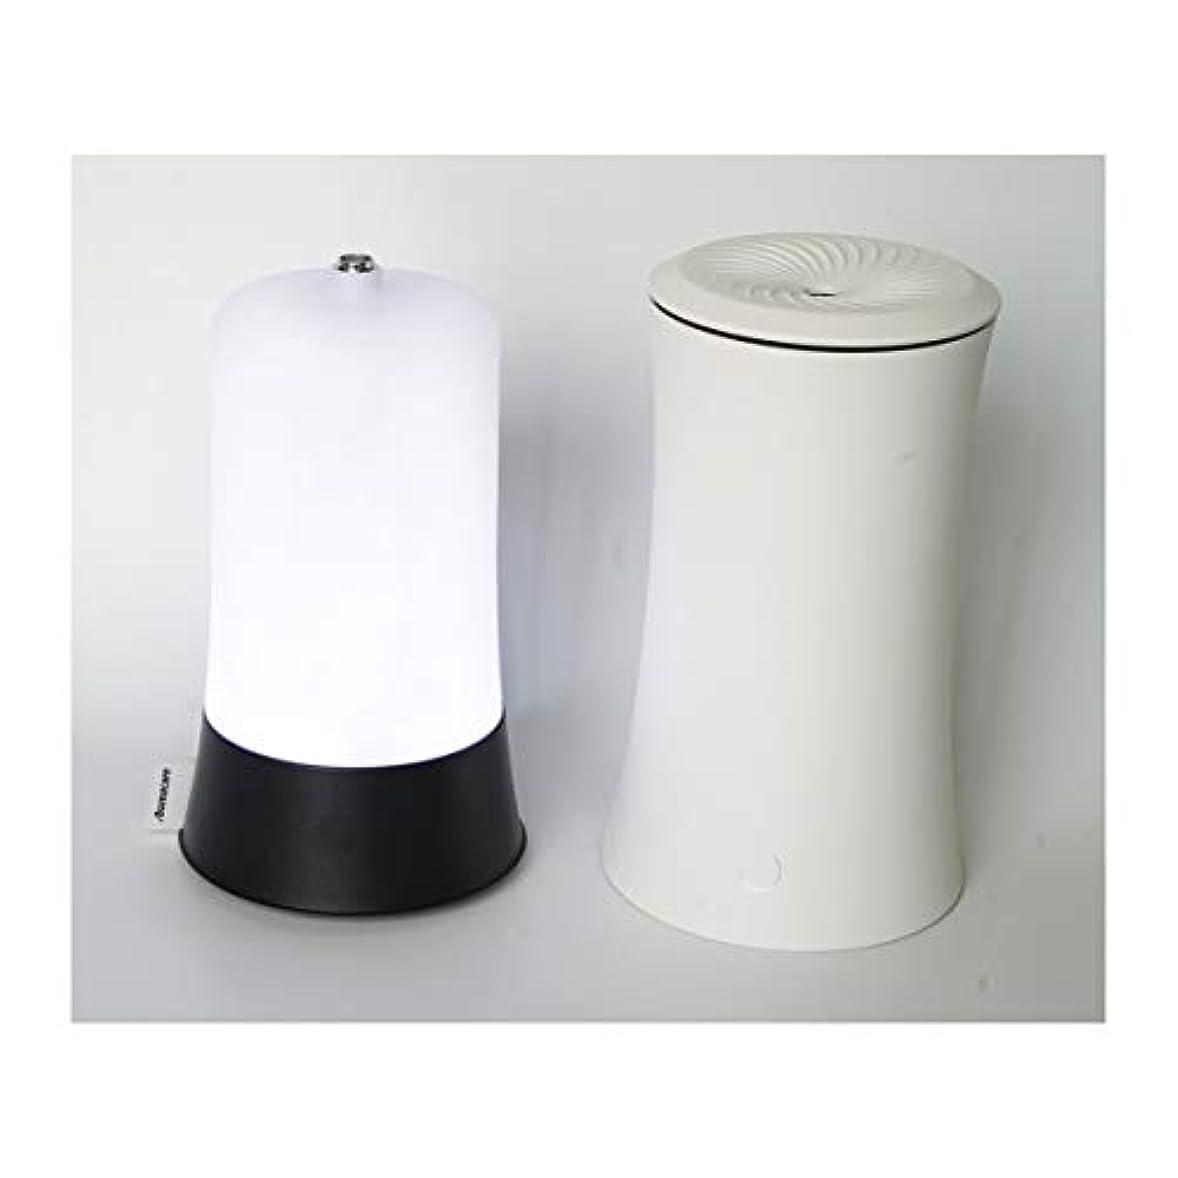 言い直す路地規定ウッドグレイン超音波アロマクールミスト300mlエッセンシャルオイルディフューザー、アロマ加湿器付き、水なしオートシャットオフ、7色LEDライトホームオフィス用ベビーホワイト